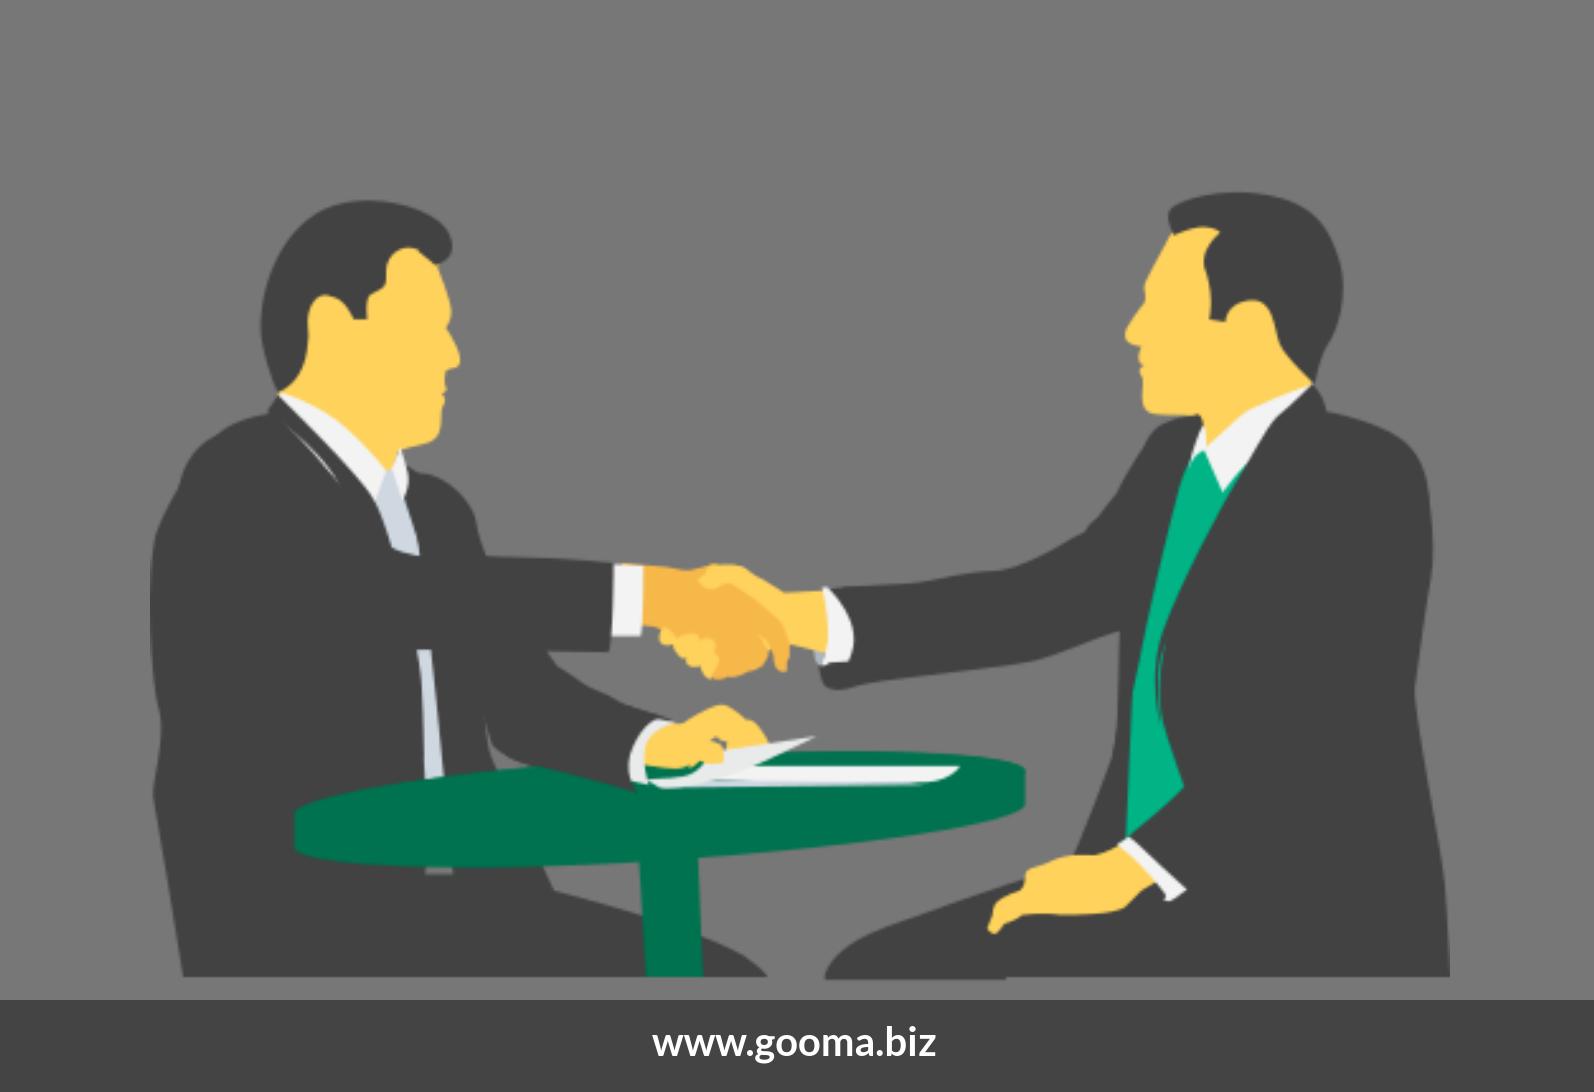 Bespovratne potpore za poduzetnika_Gooma sustav (3)